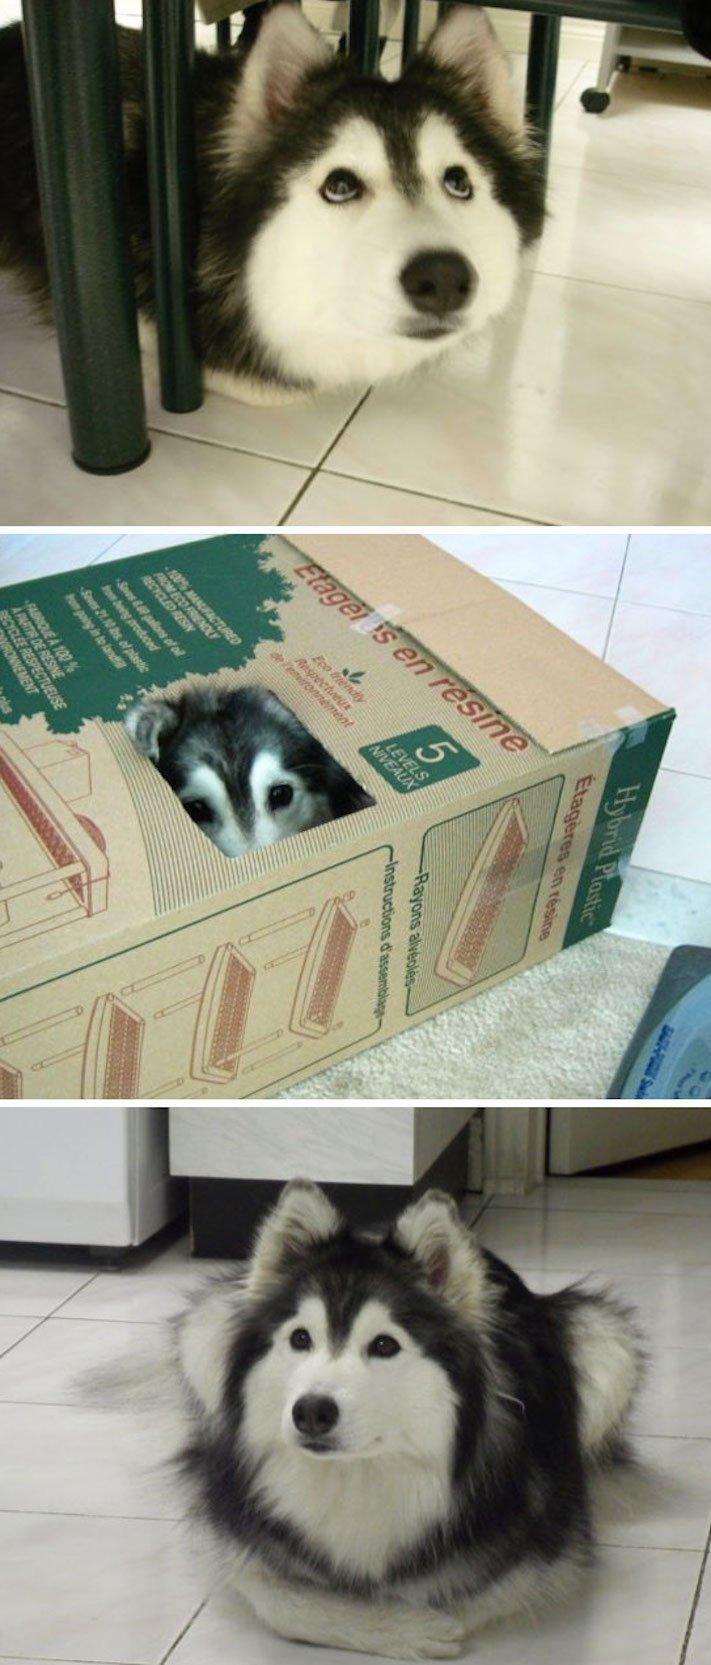 Pes se chová jako kočka vtipné srandovní zábavné obrázky psů štěňat s kočkami 2